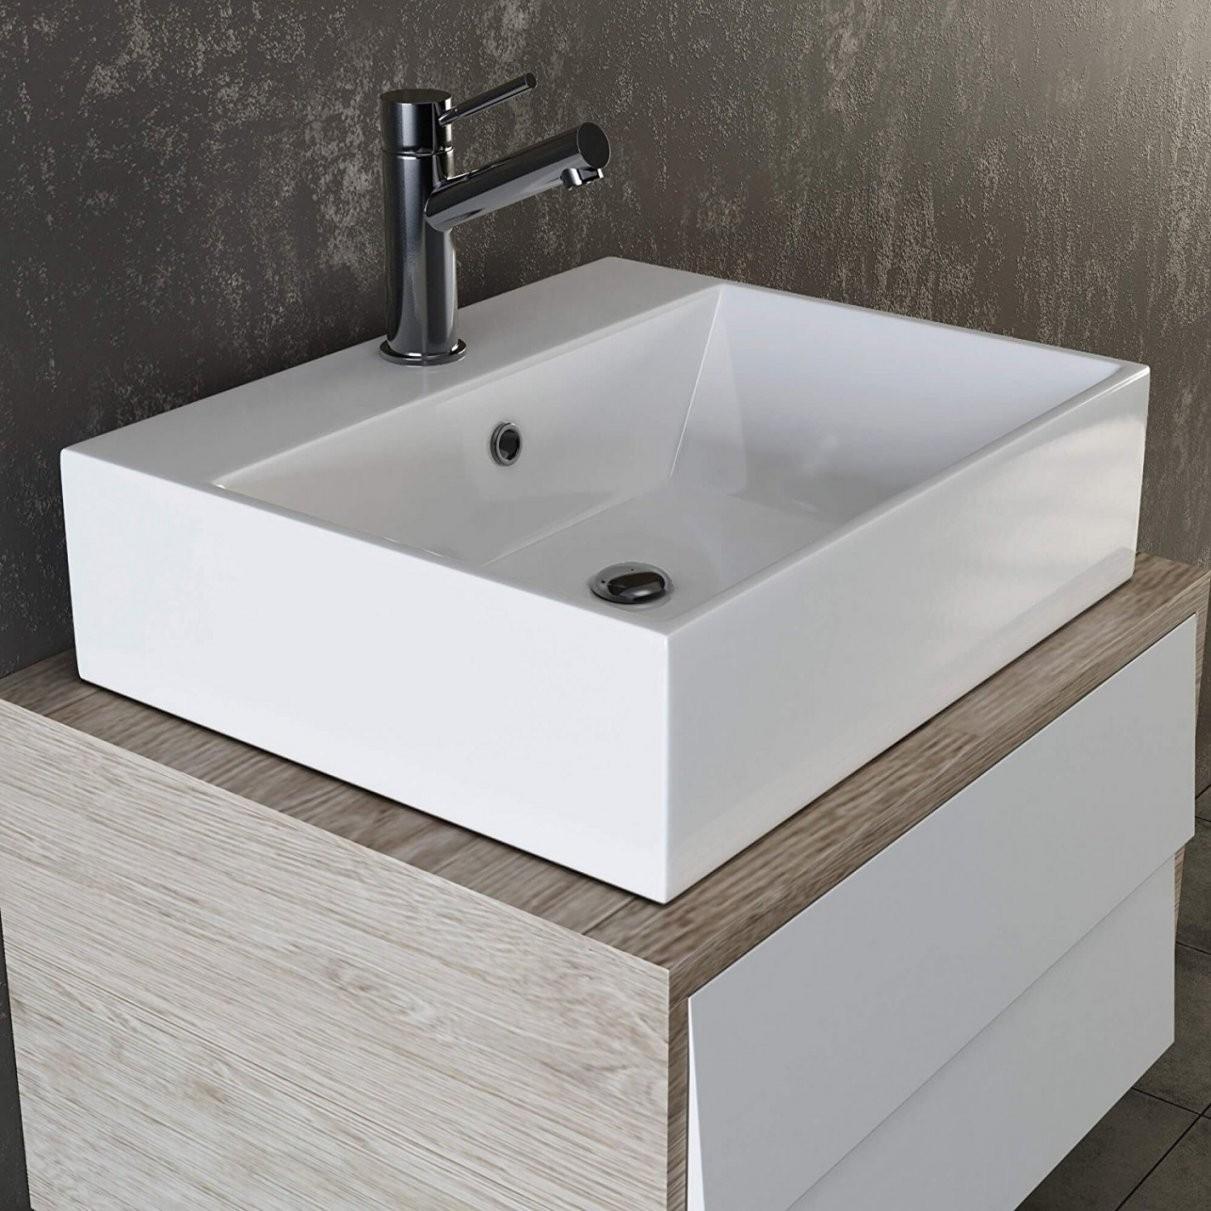 Genial Ausgezeichnet Waschtisch Klein Perfekt Waschbecken Eckig Va21 von Waschbecken Klein Eckig Photo